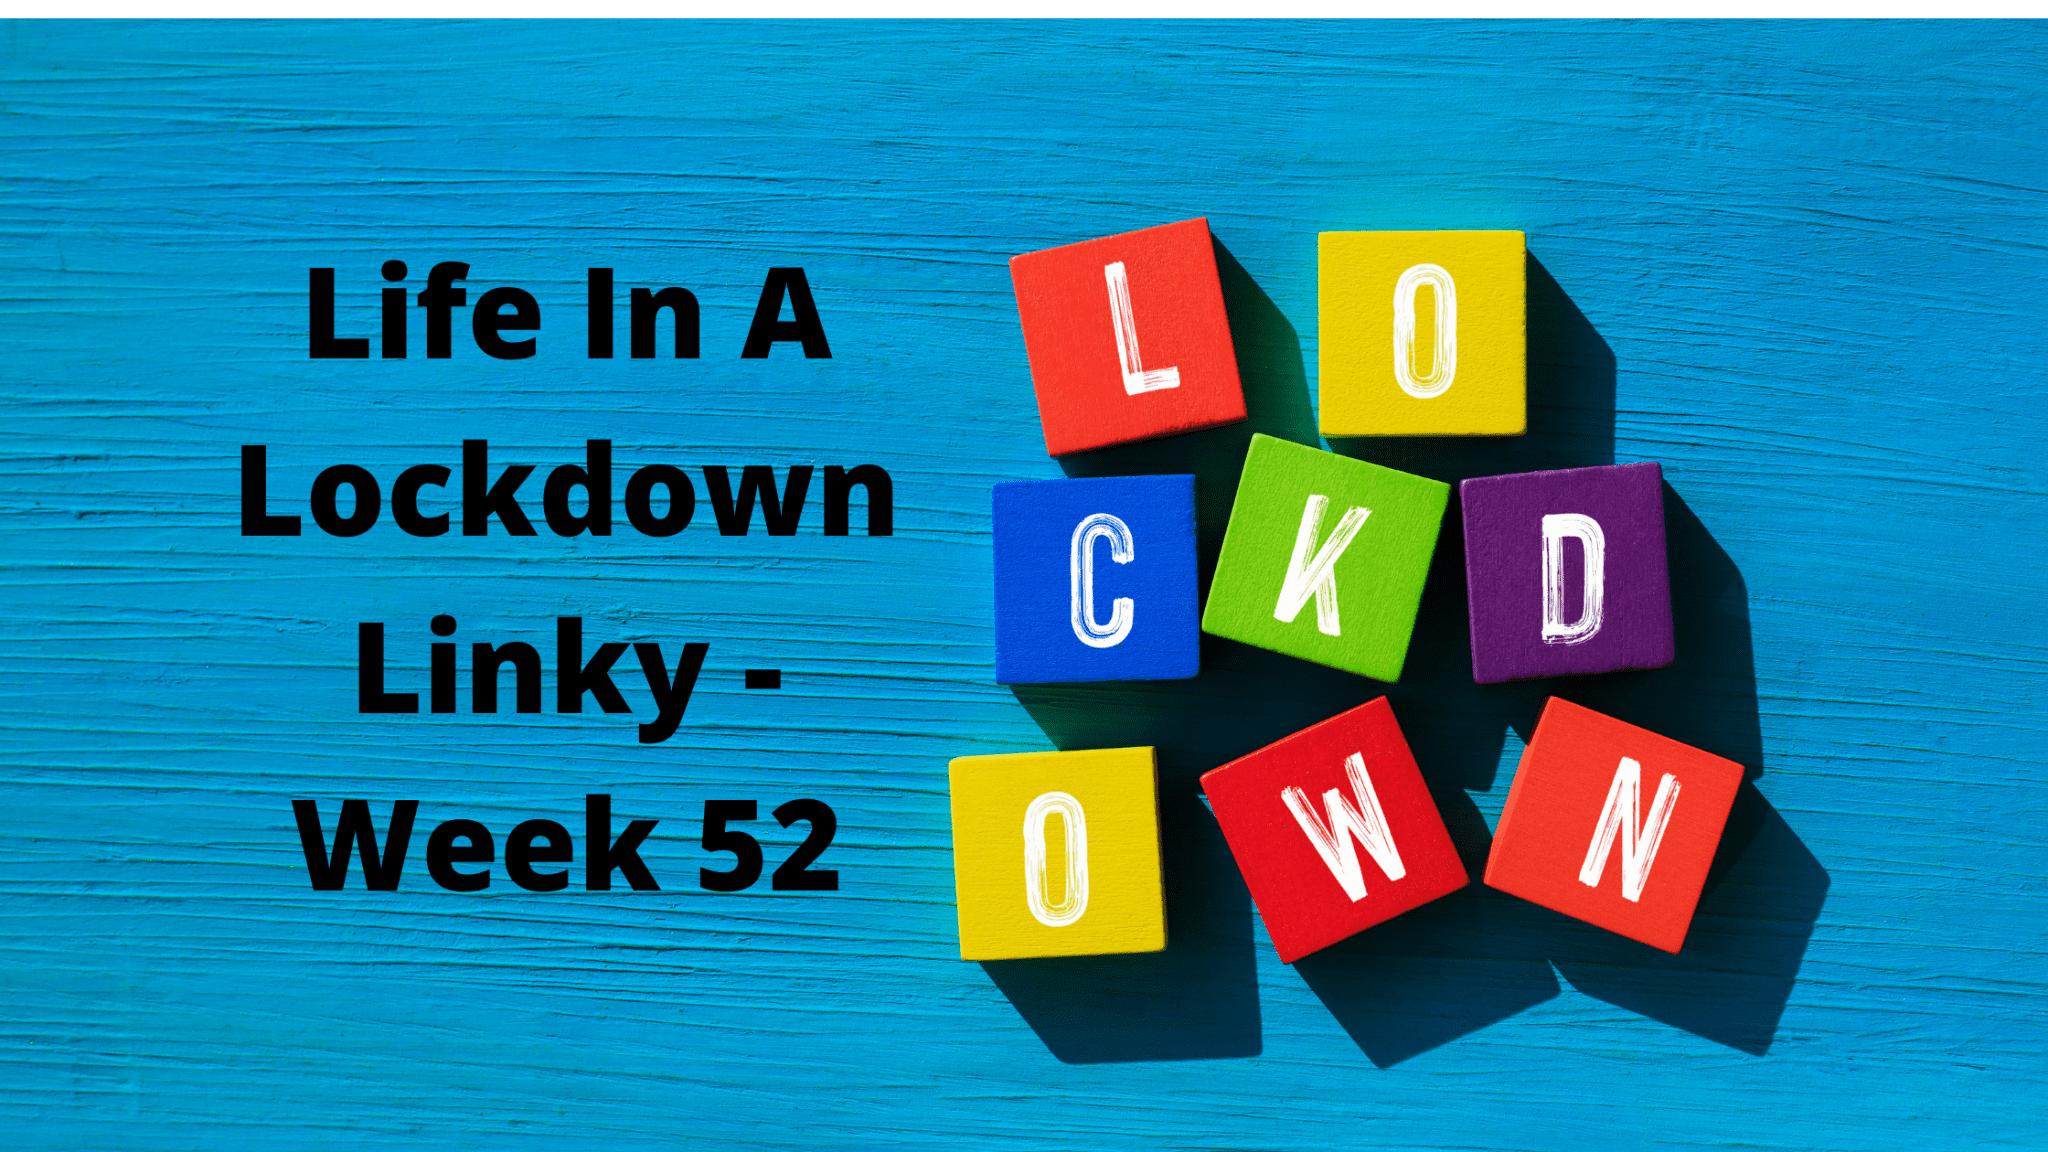 Life In A Lockdown Linky - Week 52